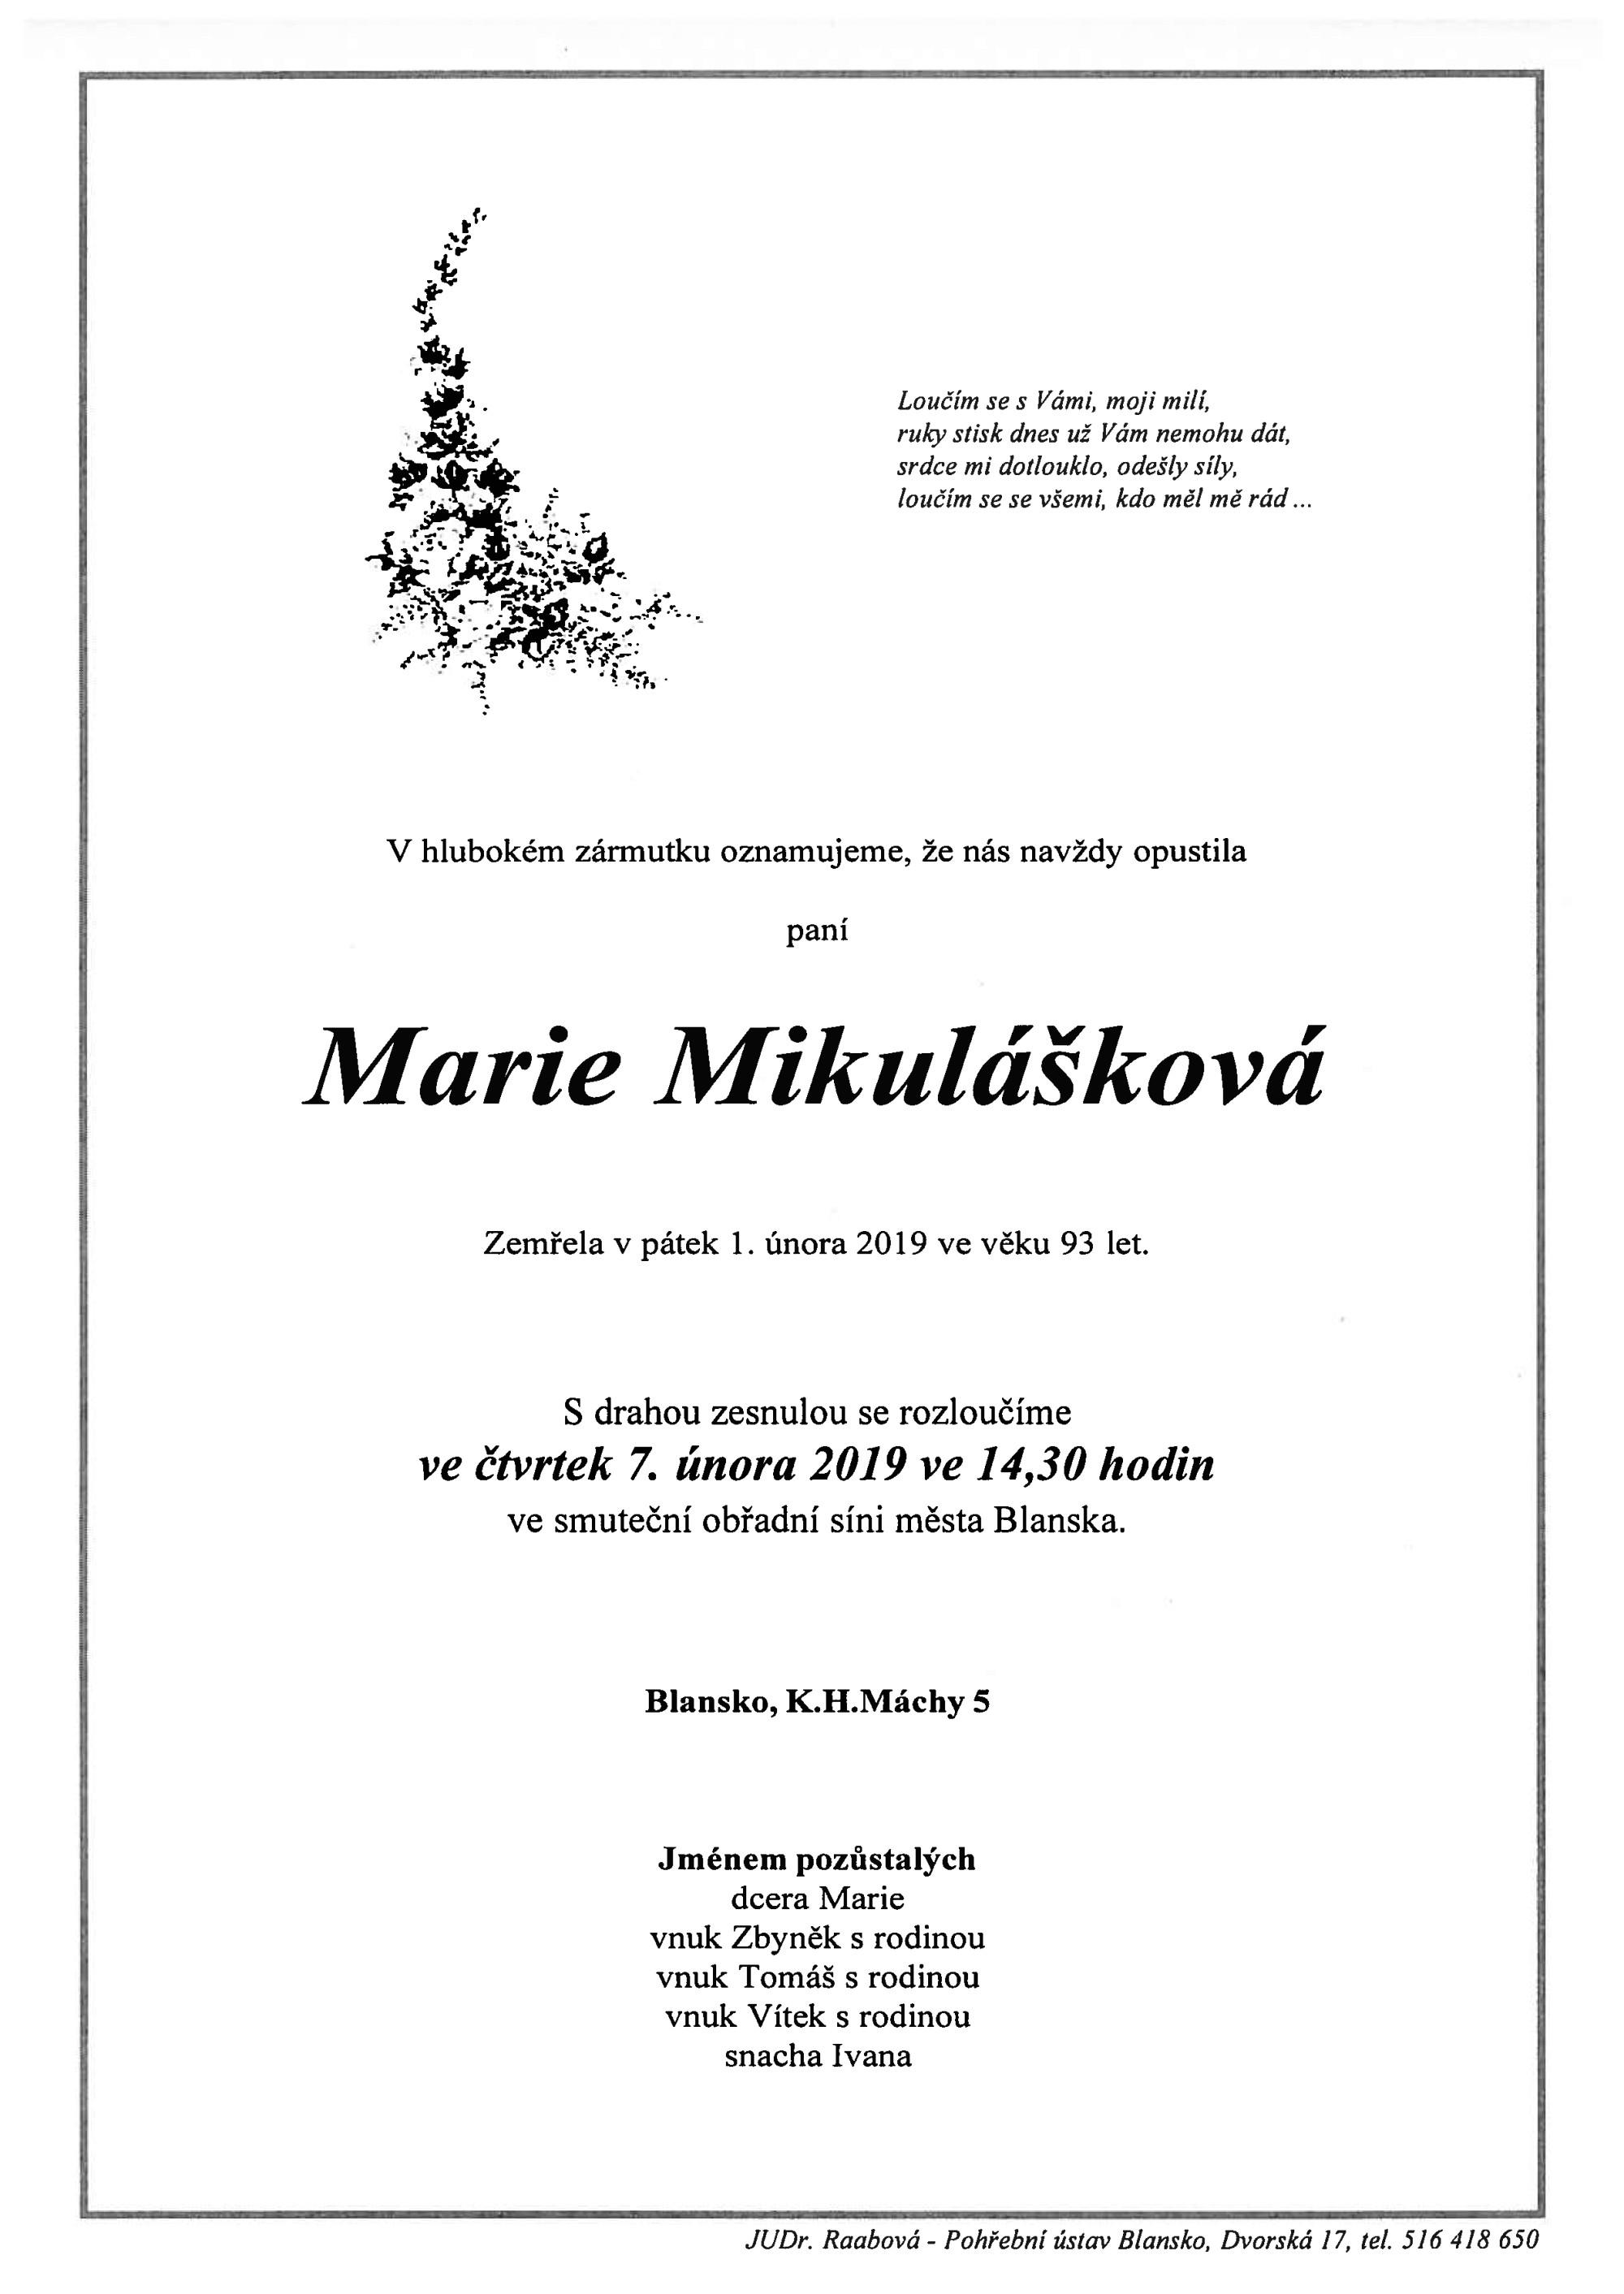 Marie Mikulášková